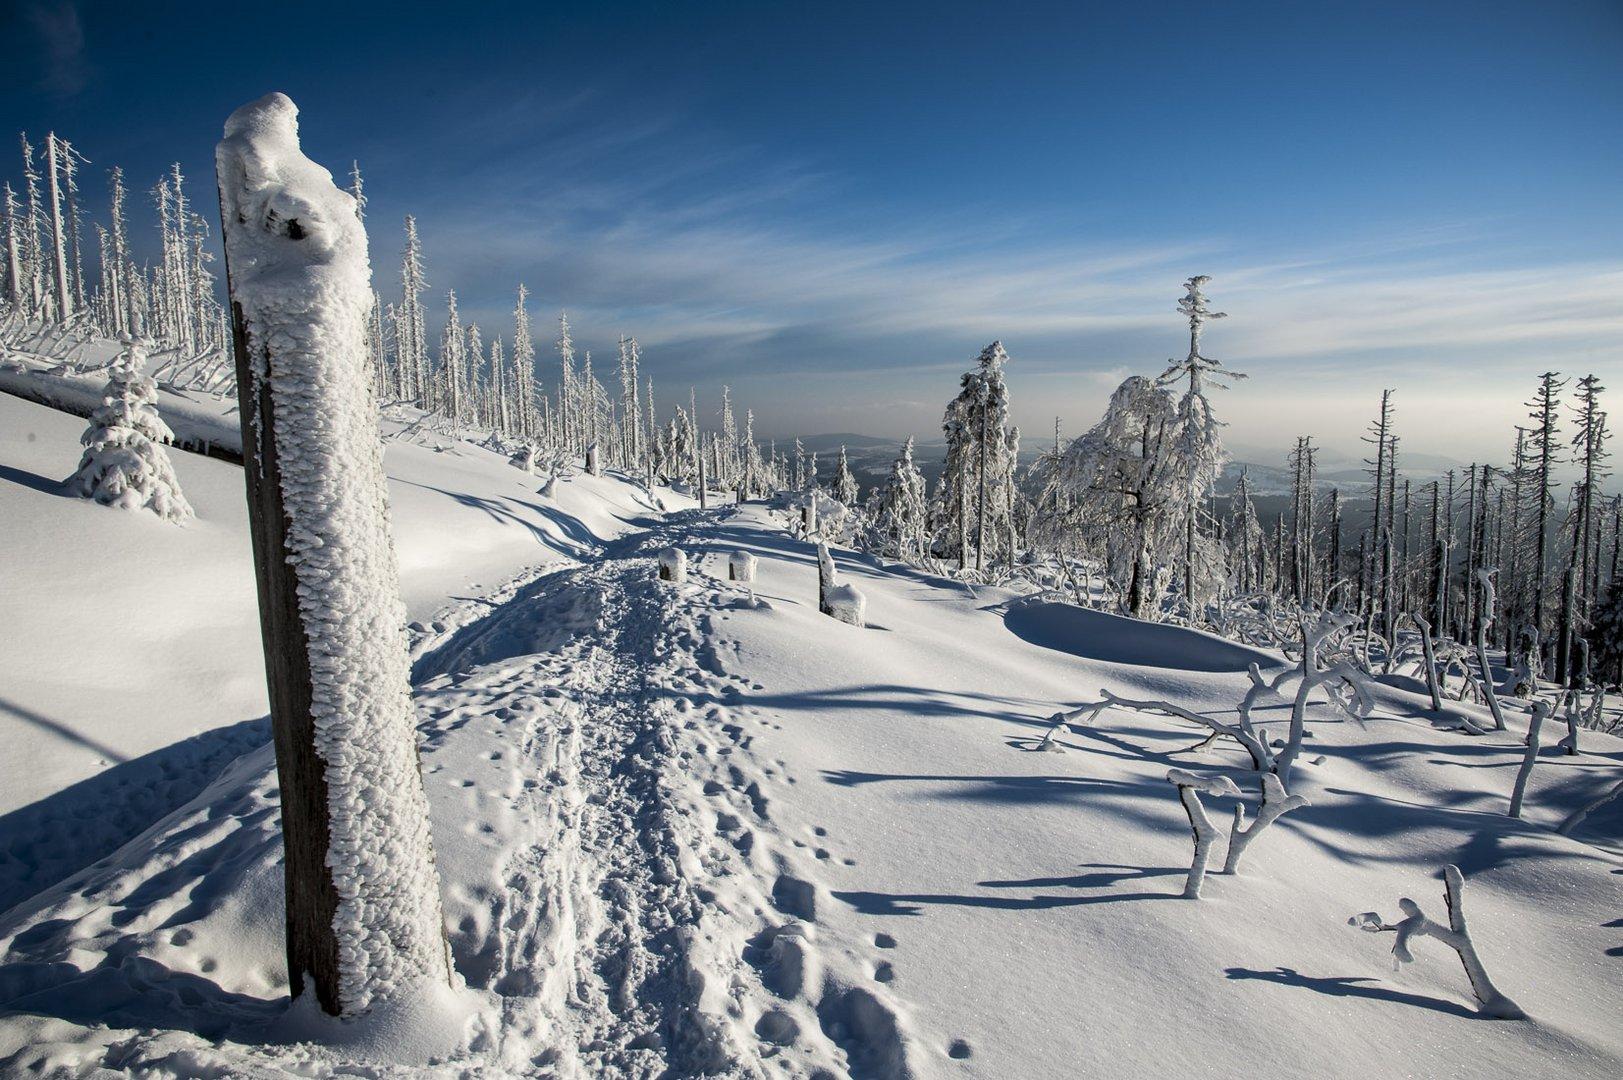 Winter-Wege - Lebens-Wege